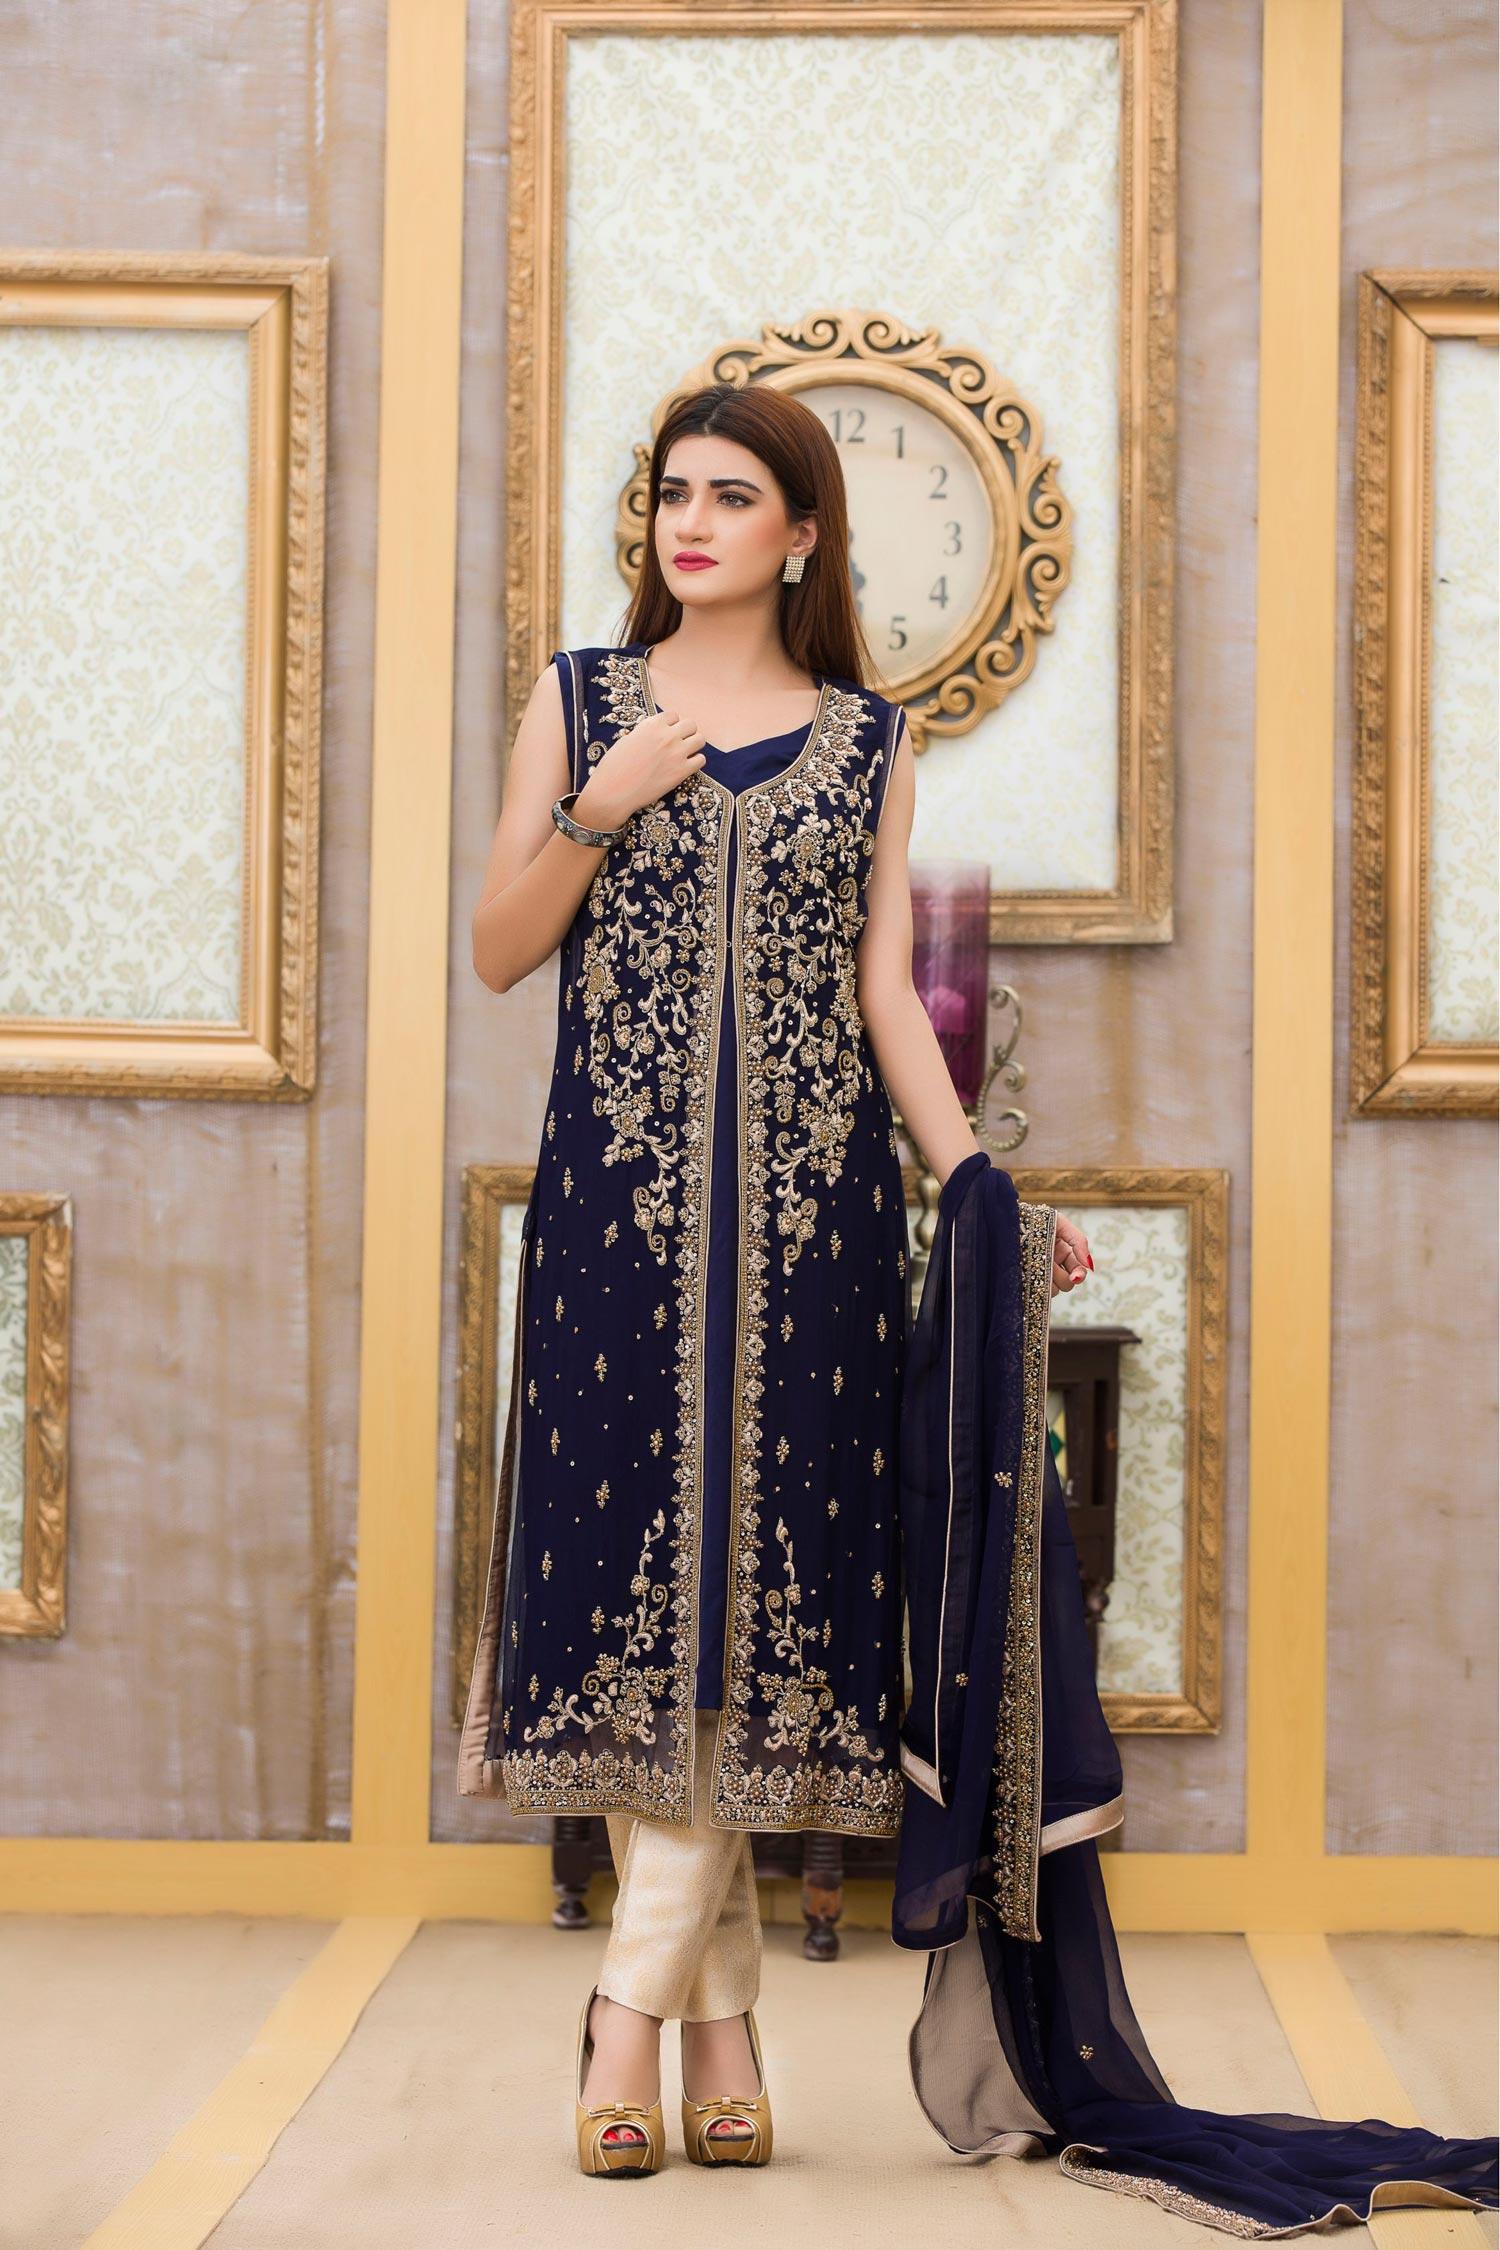 EXCLUSIVE BOUTIQUE BRIDAL NAVY BLUE DRESSES - Exclusive Online Boutique